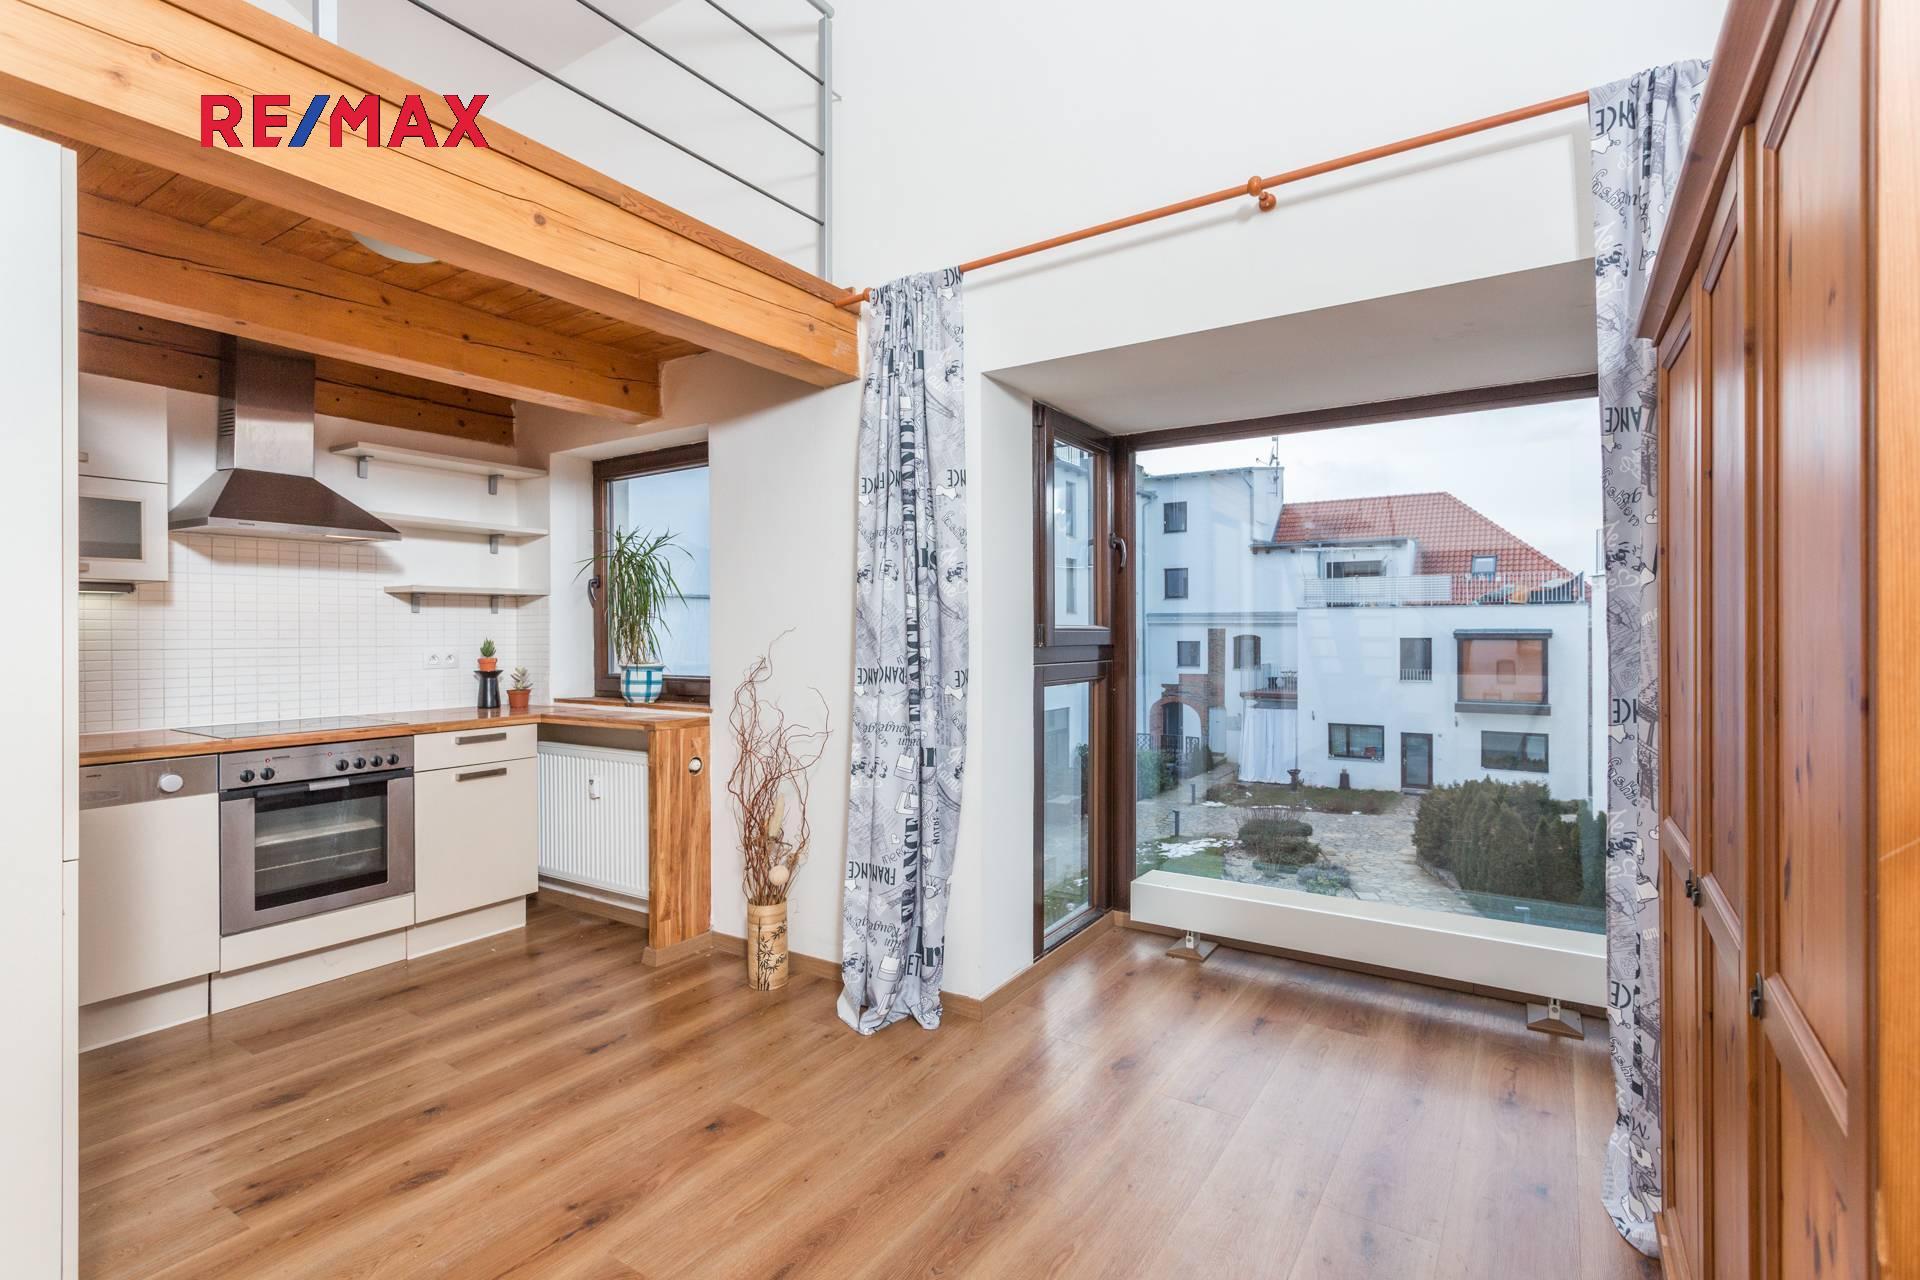 Prodej bytu 2+kk v osobním vlastnictví, 50 m2, Škvorec